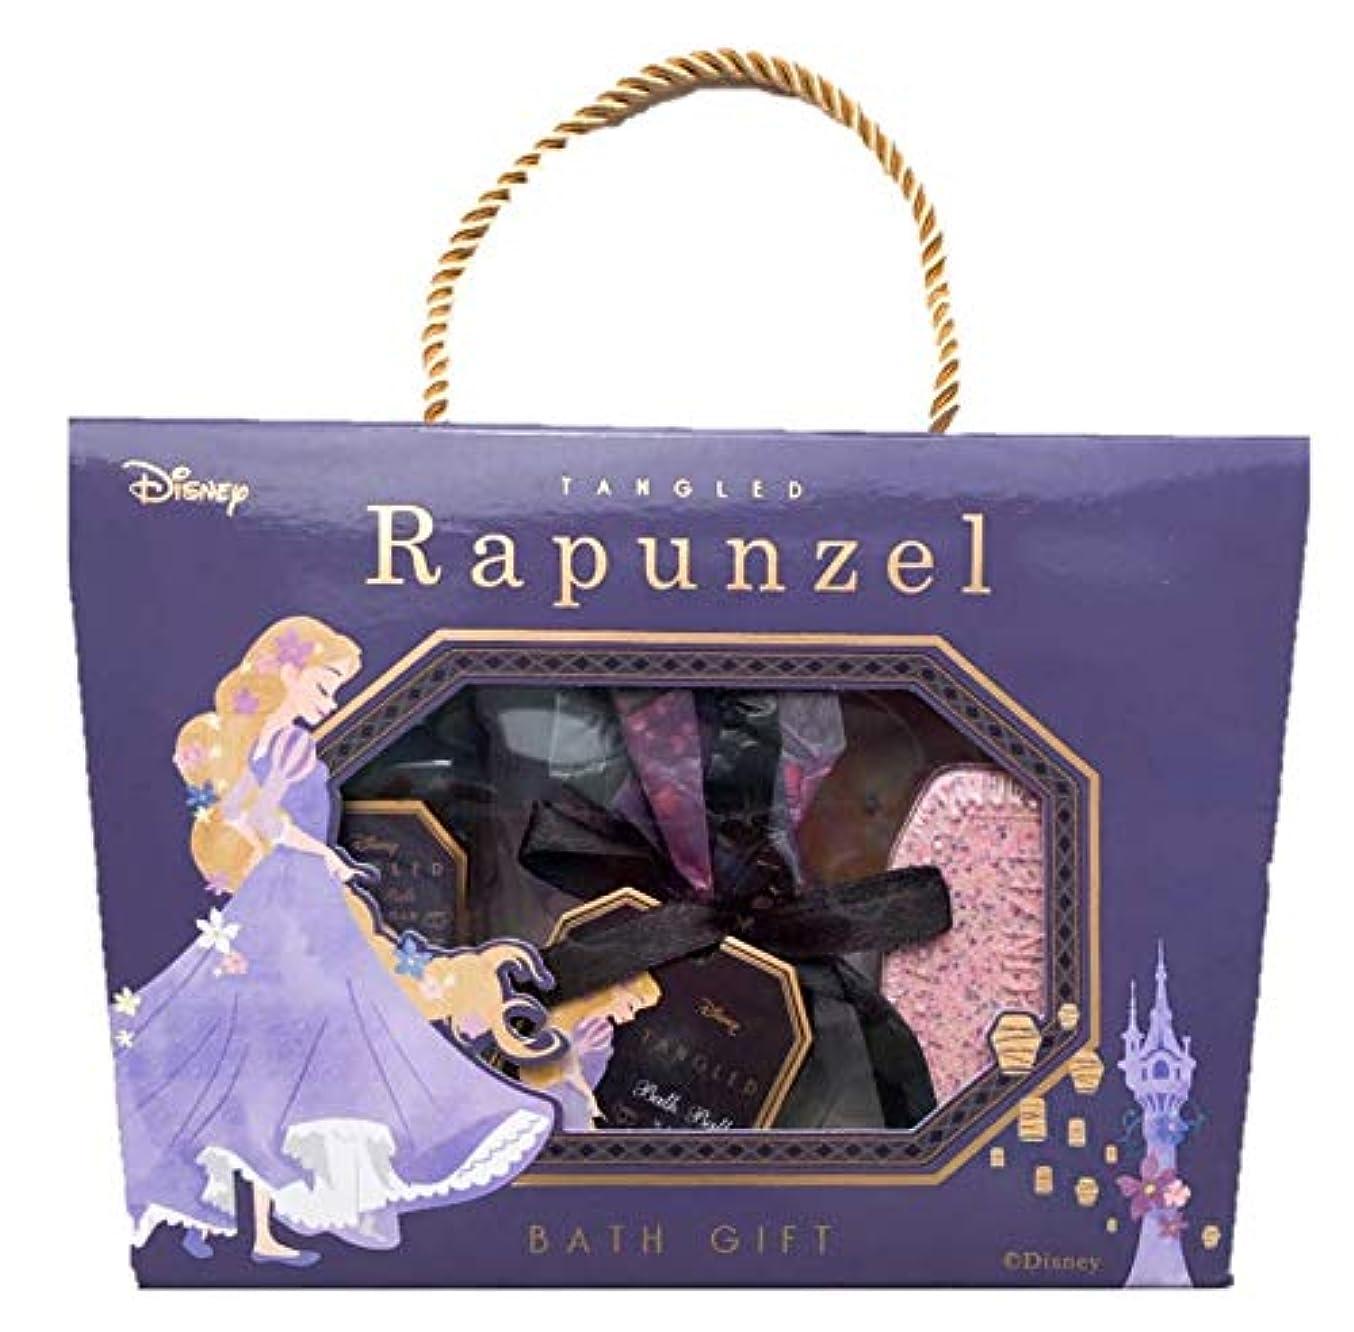 風刺学者印象派ディズニー(Disney)SHO-BI バスギフトM ギフトセット ラプンツェル ディズニープリンセス 塔の上のラプンツェル 入浴剤 ギフト バスギフトセット プレゼント 大人 女の子 かわいい Rapunzel